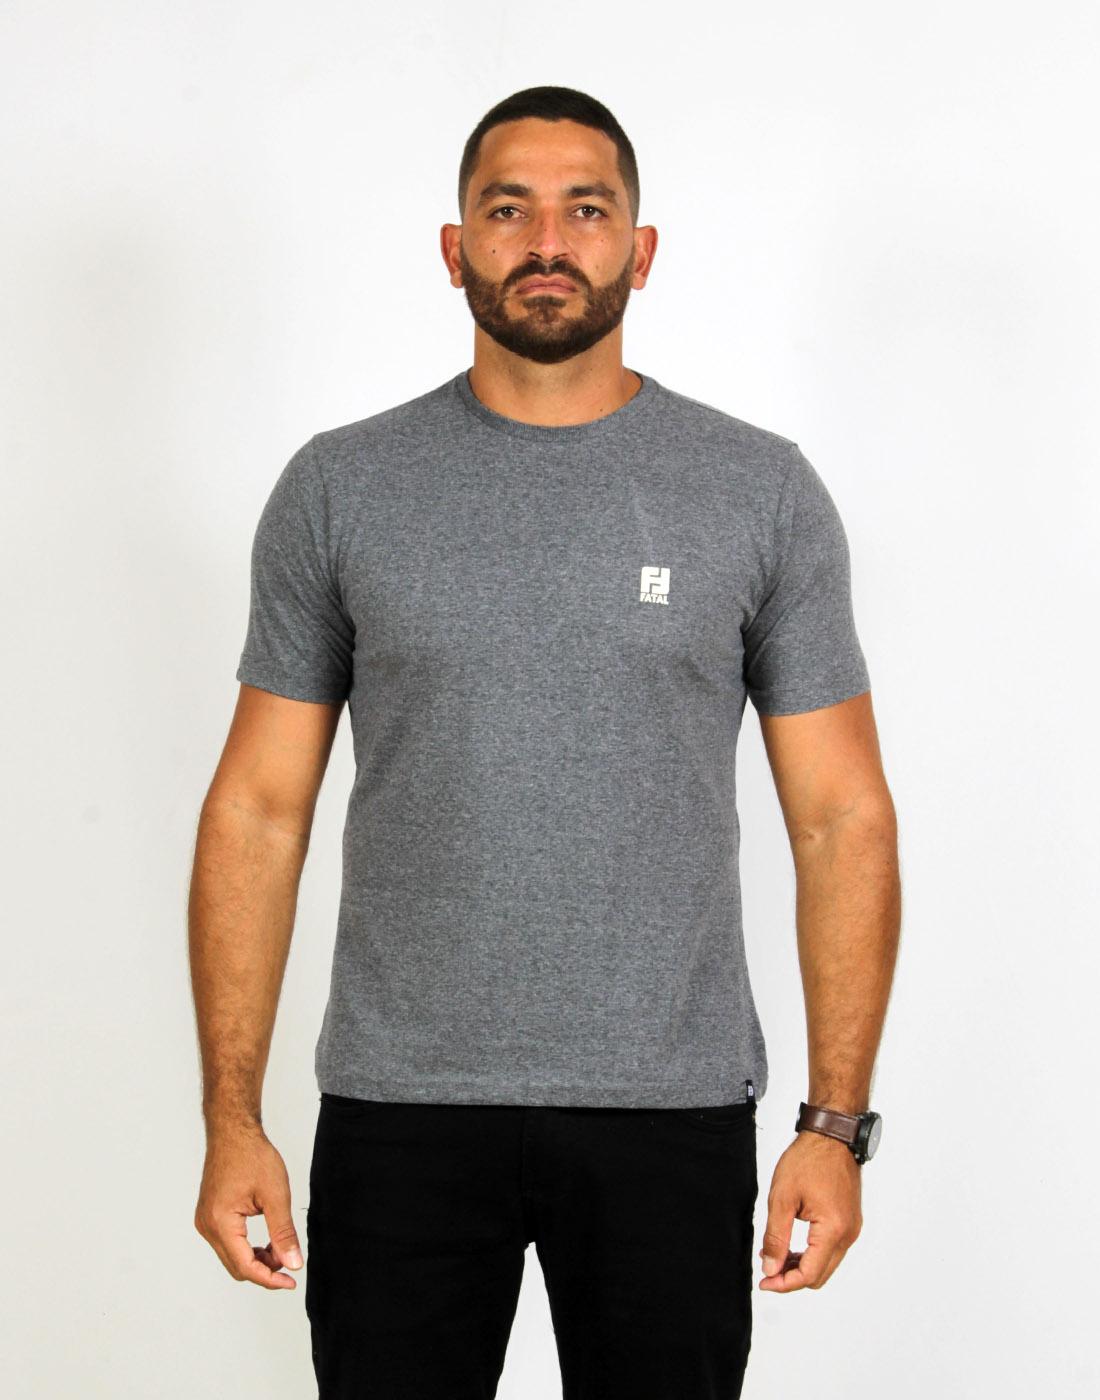 Camiseta Masc. Fashion Basic Mescla Escuro Fatal